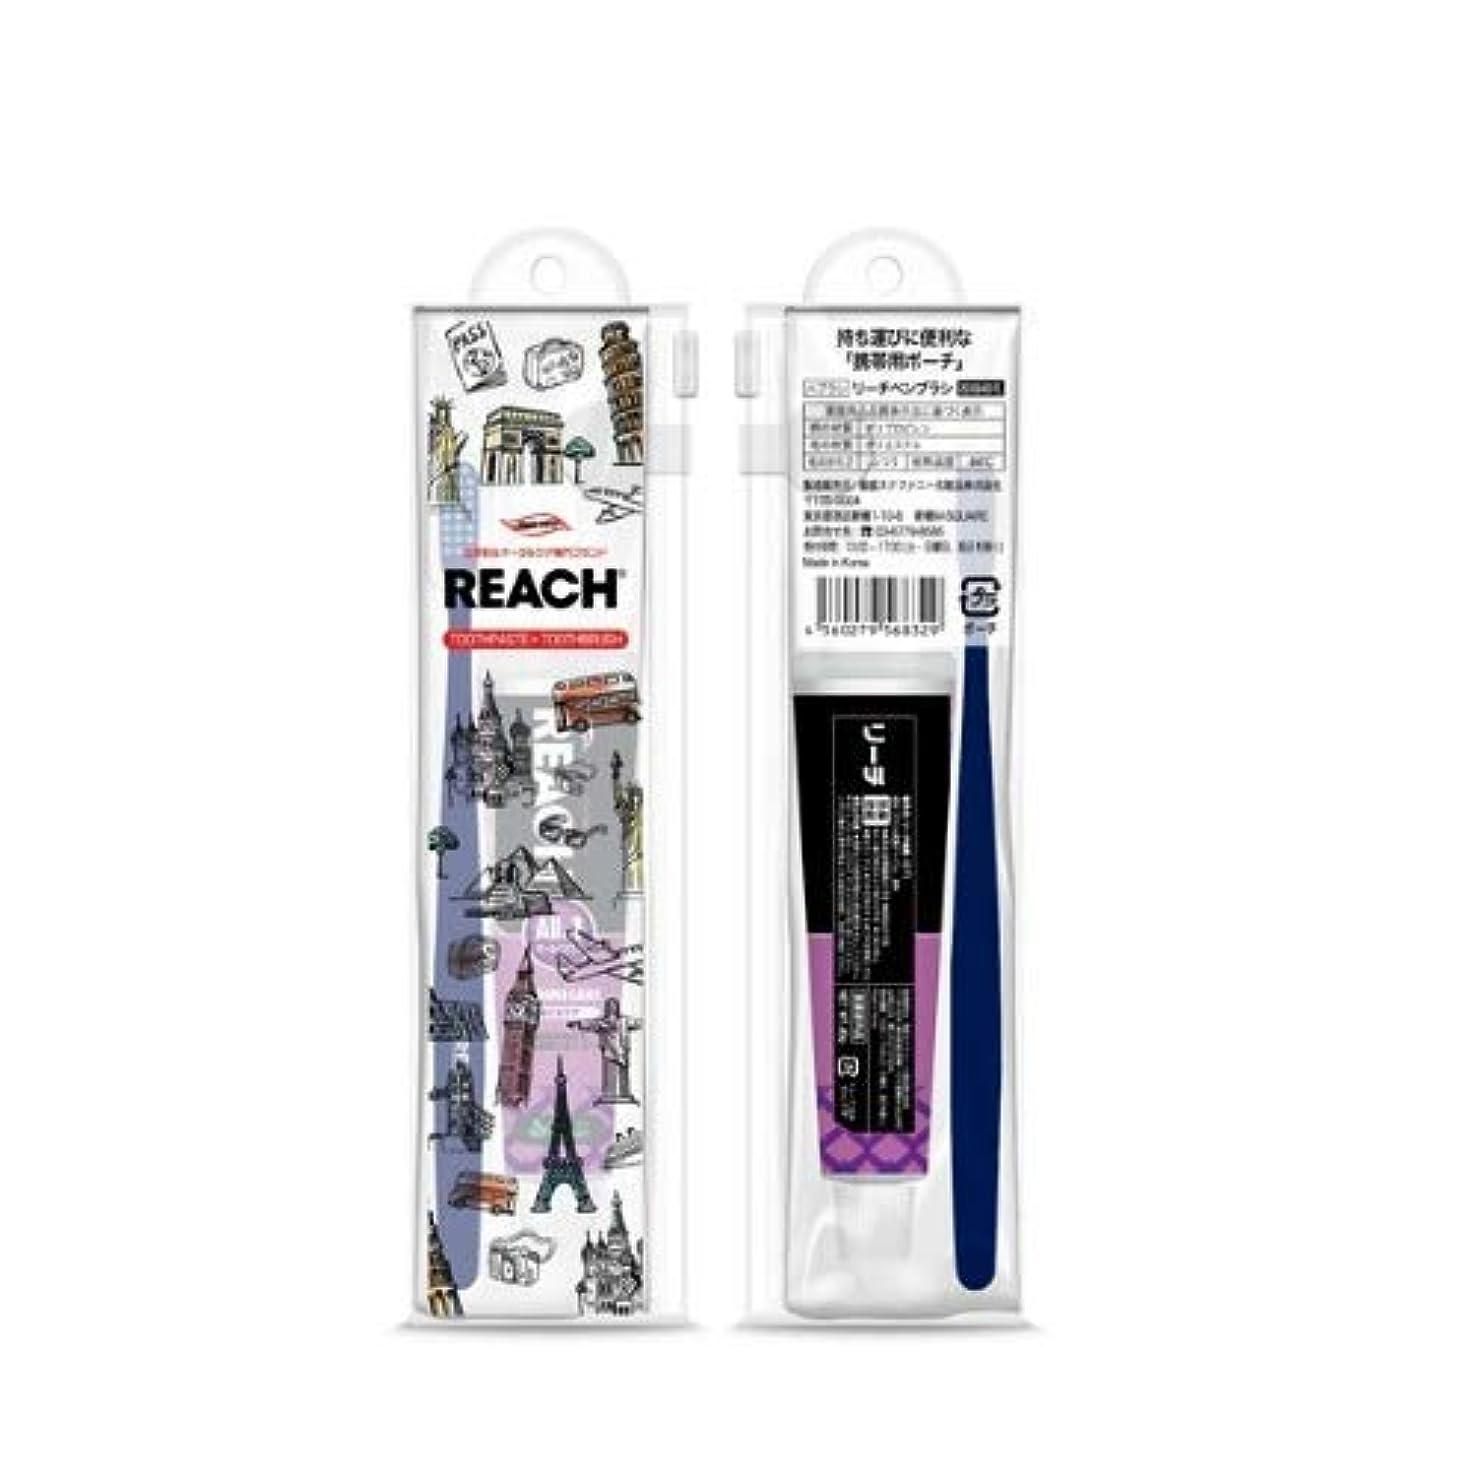 スペア可塑性伴うリーチトラベルセット(デンタル歯ブラシ1本?薬用歯みがき40g) × 12個セット